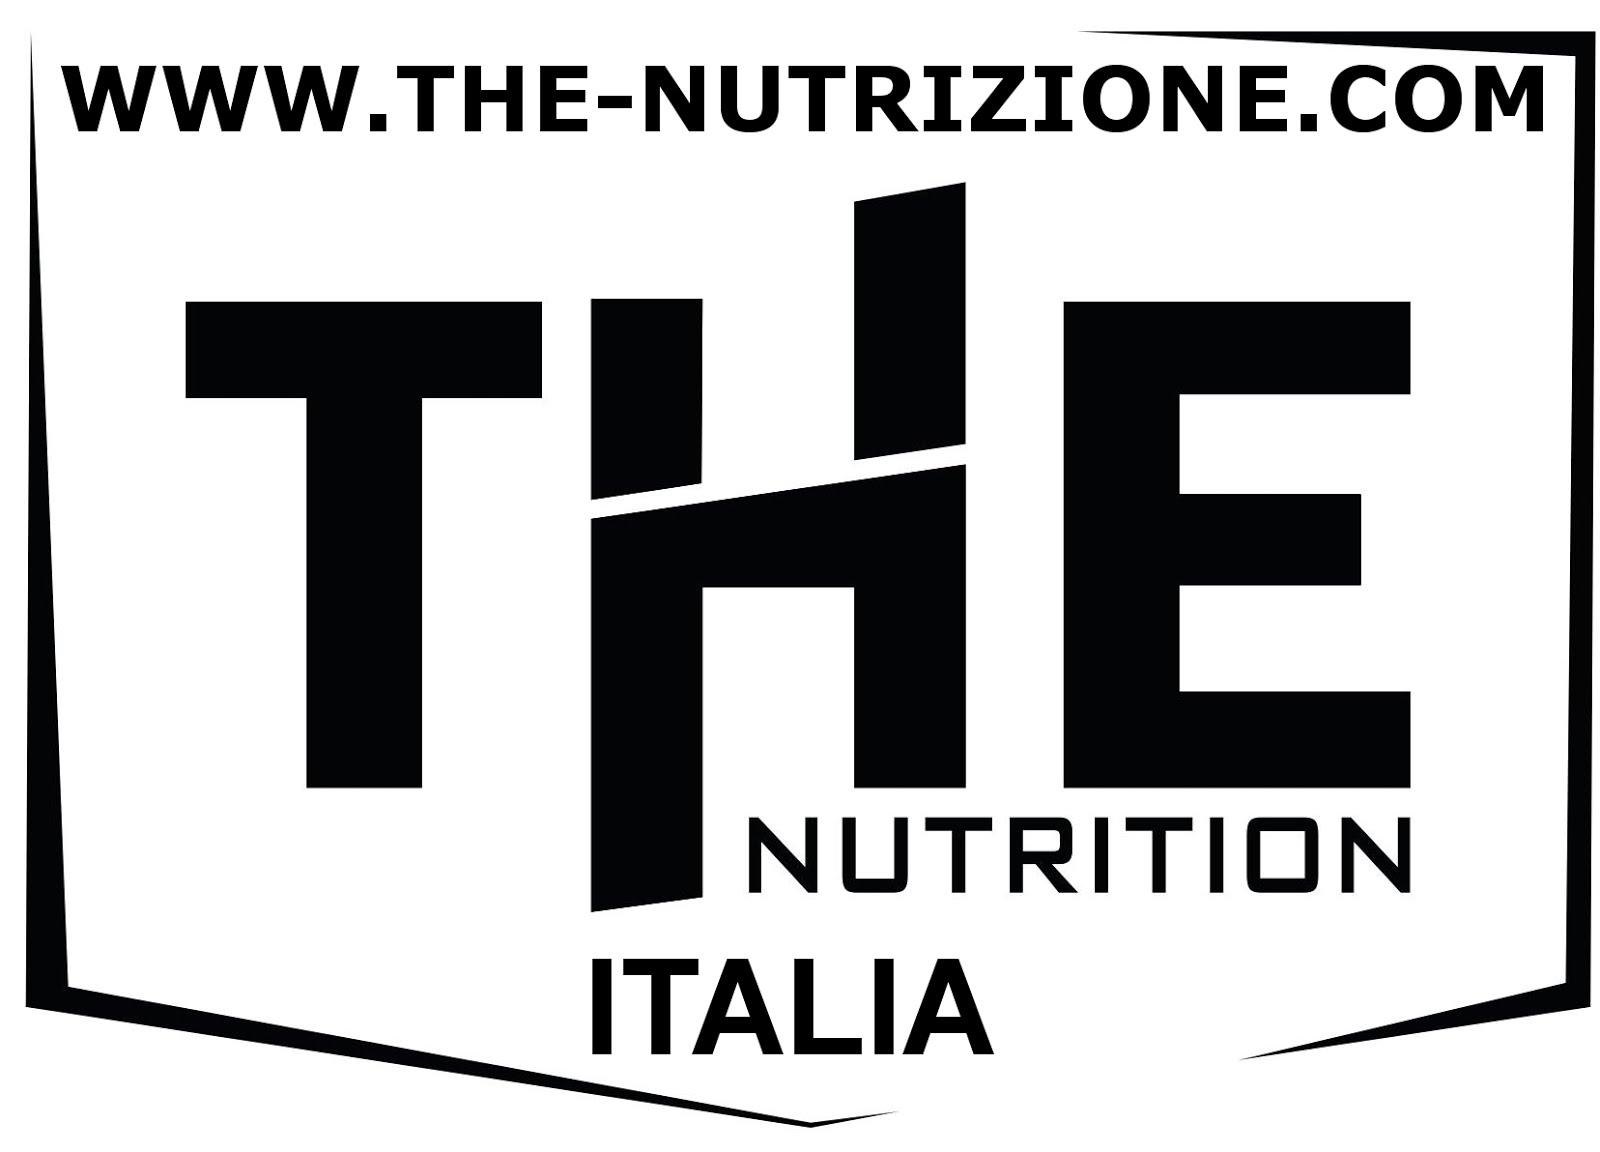 integratori sportivi THE-NUTRITION ITALIA